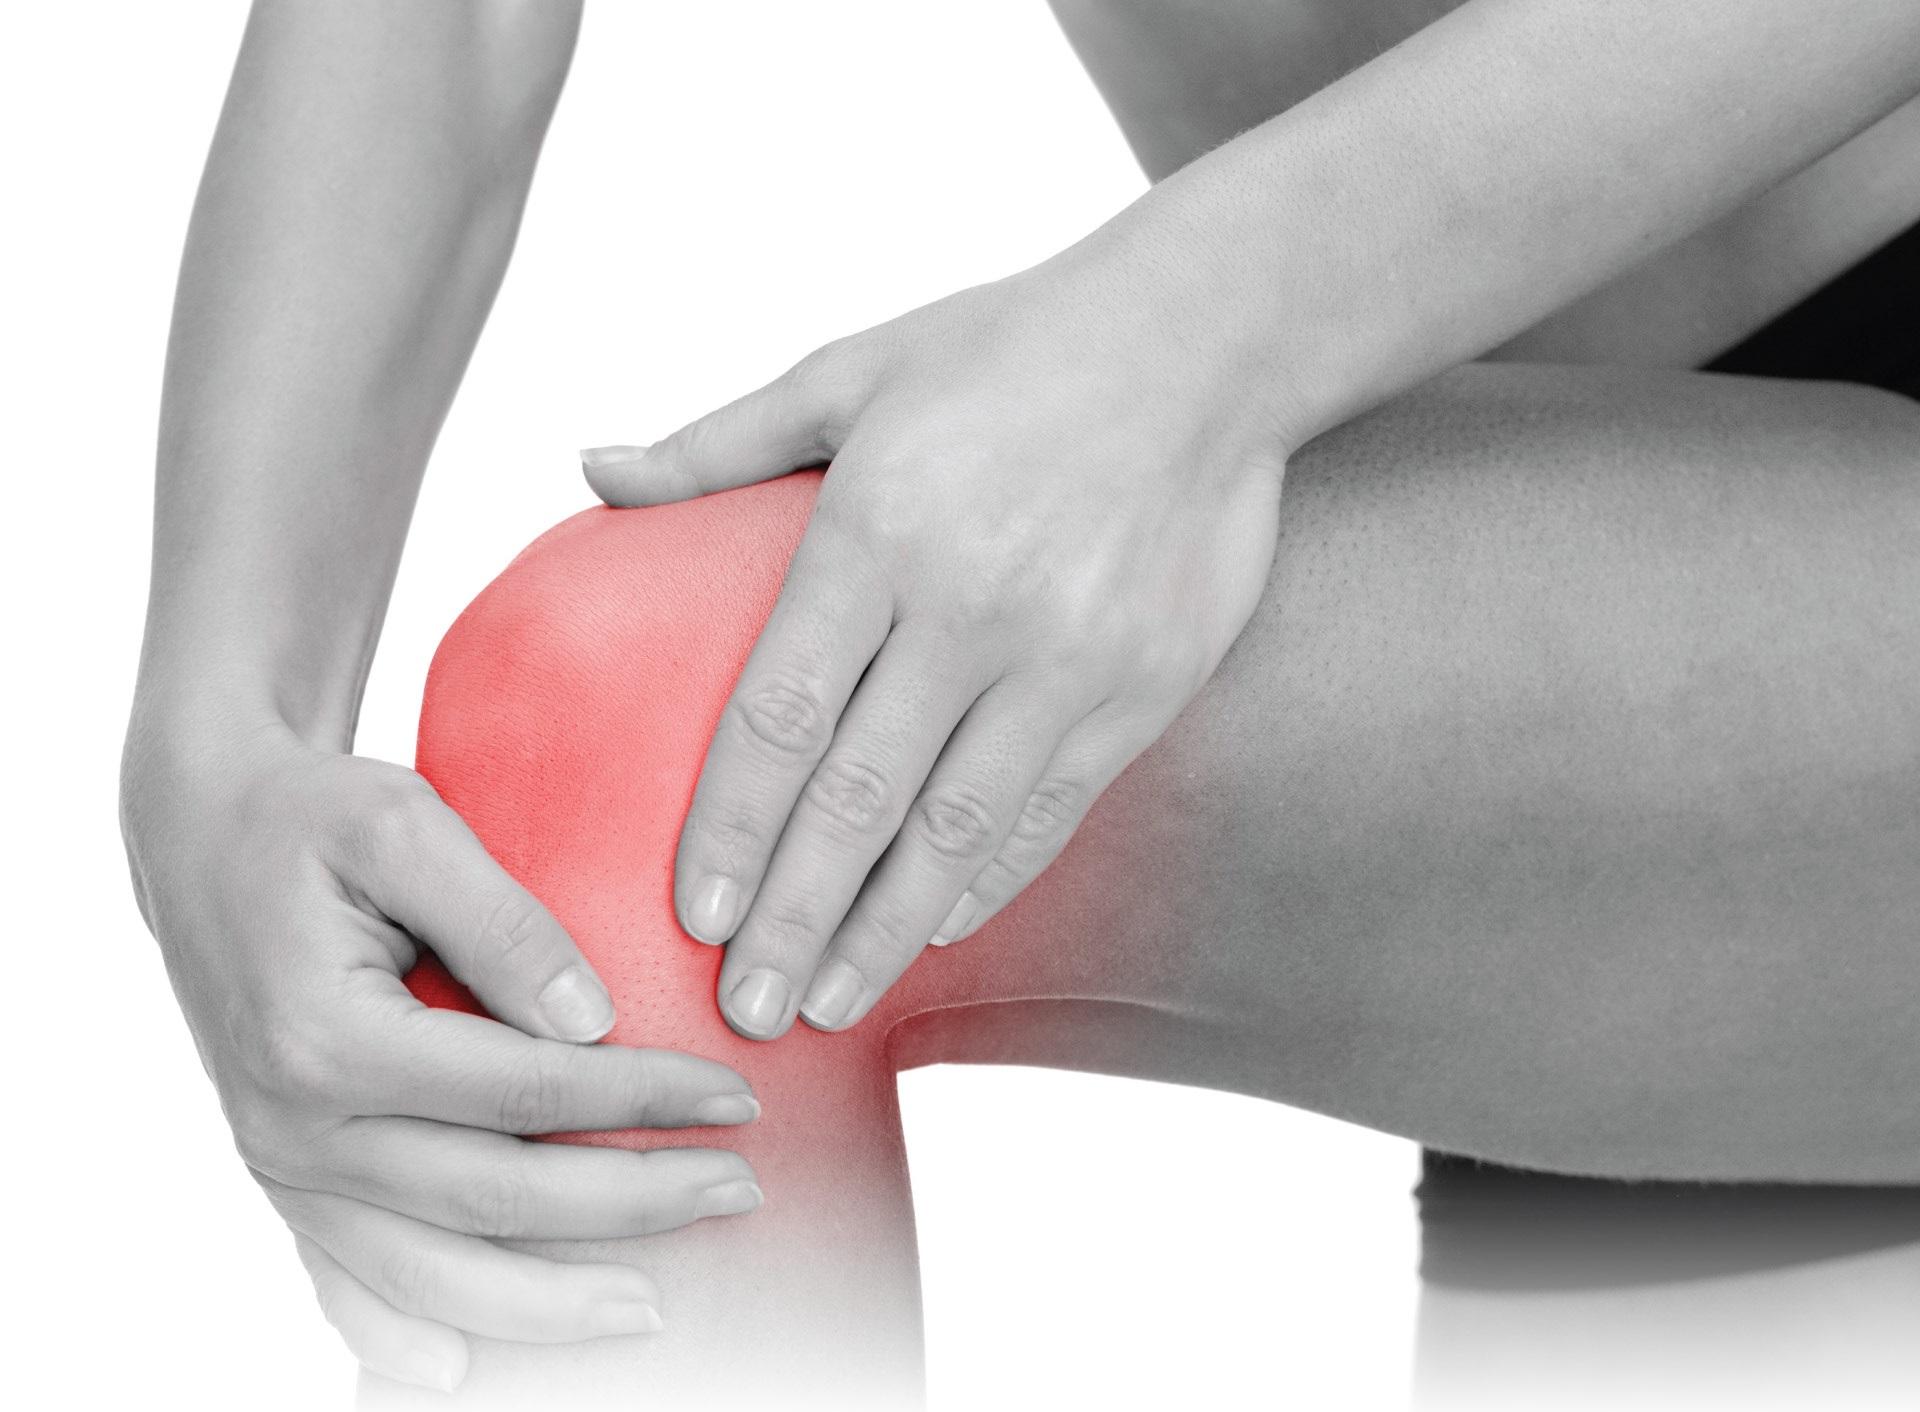 Gerinc hátának kezelése hormonális injekciókkal